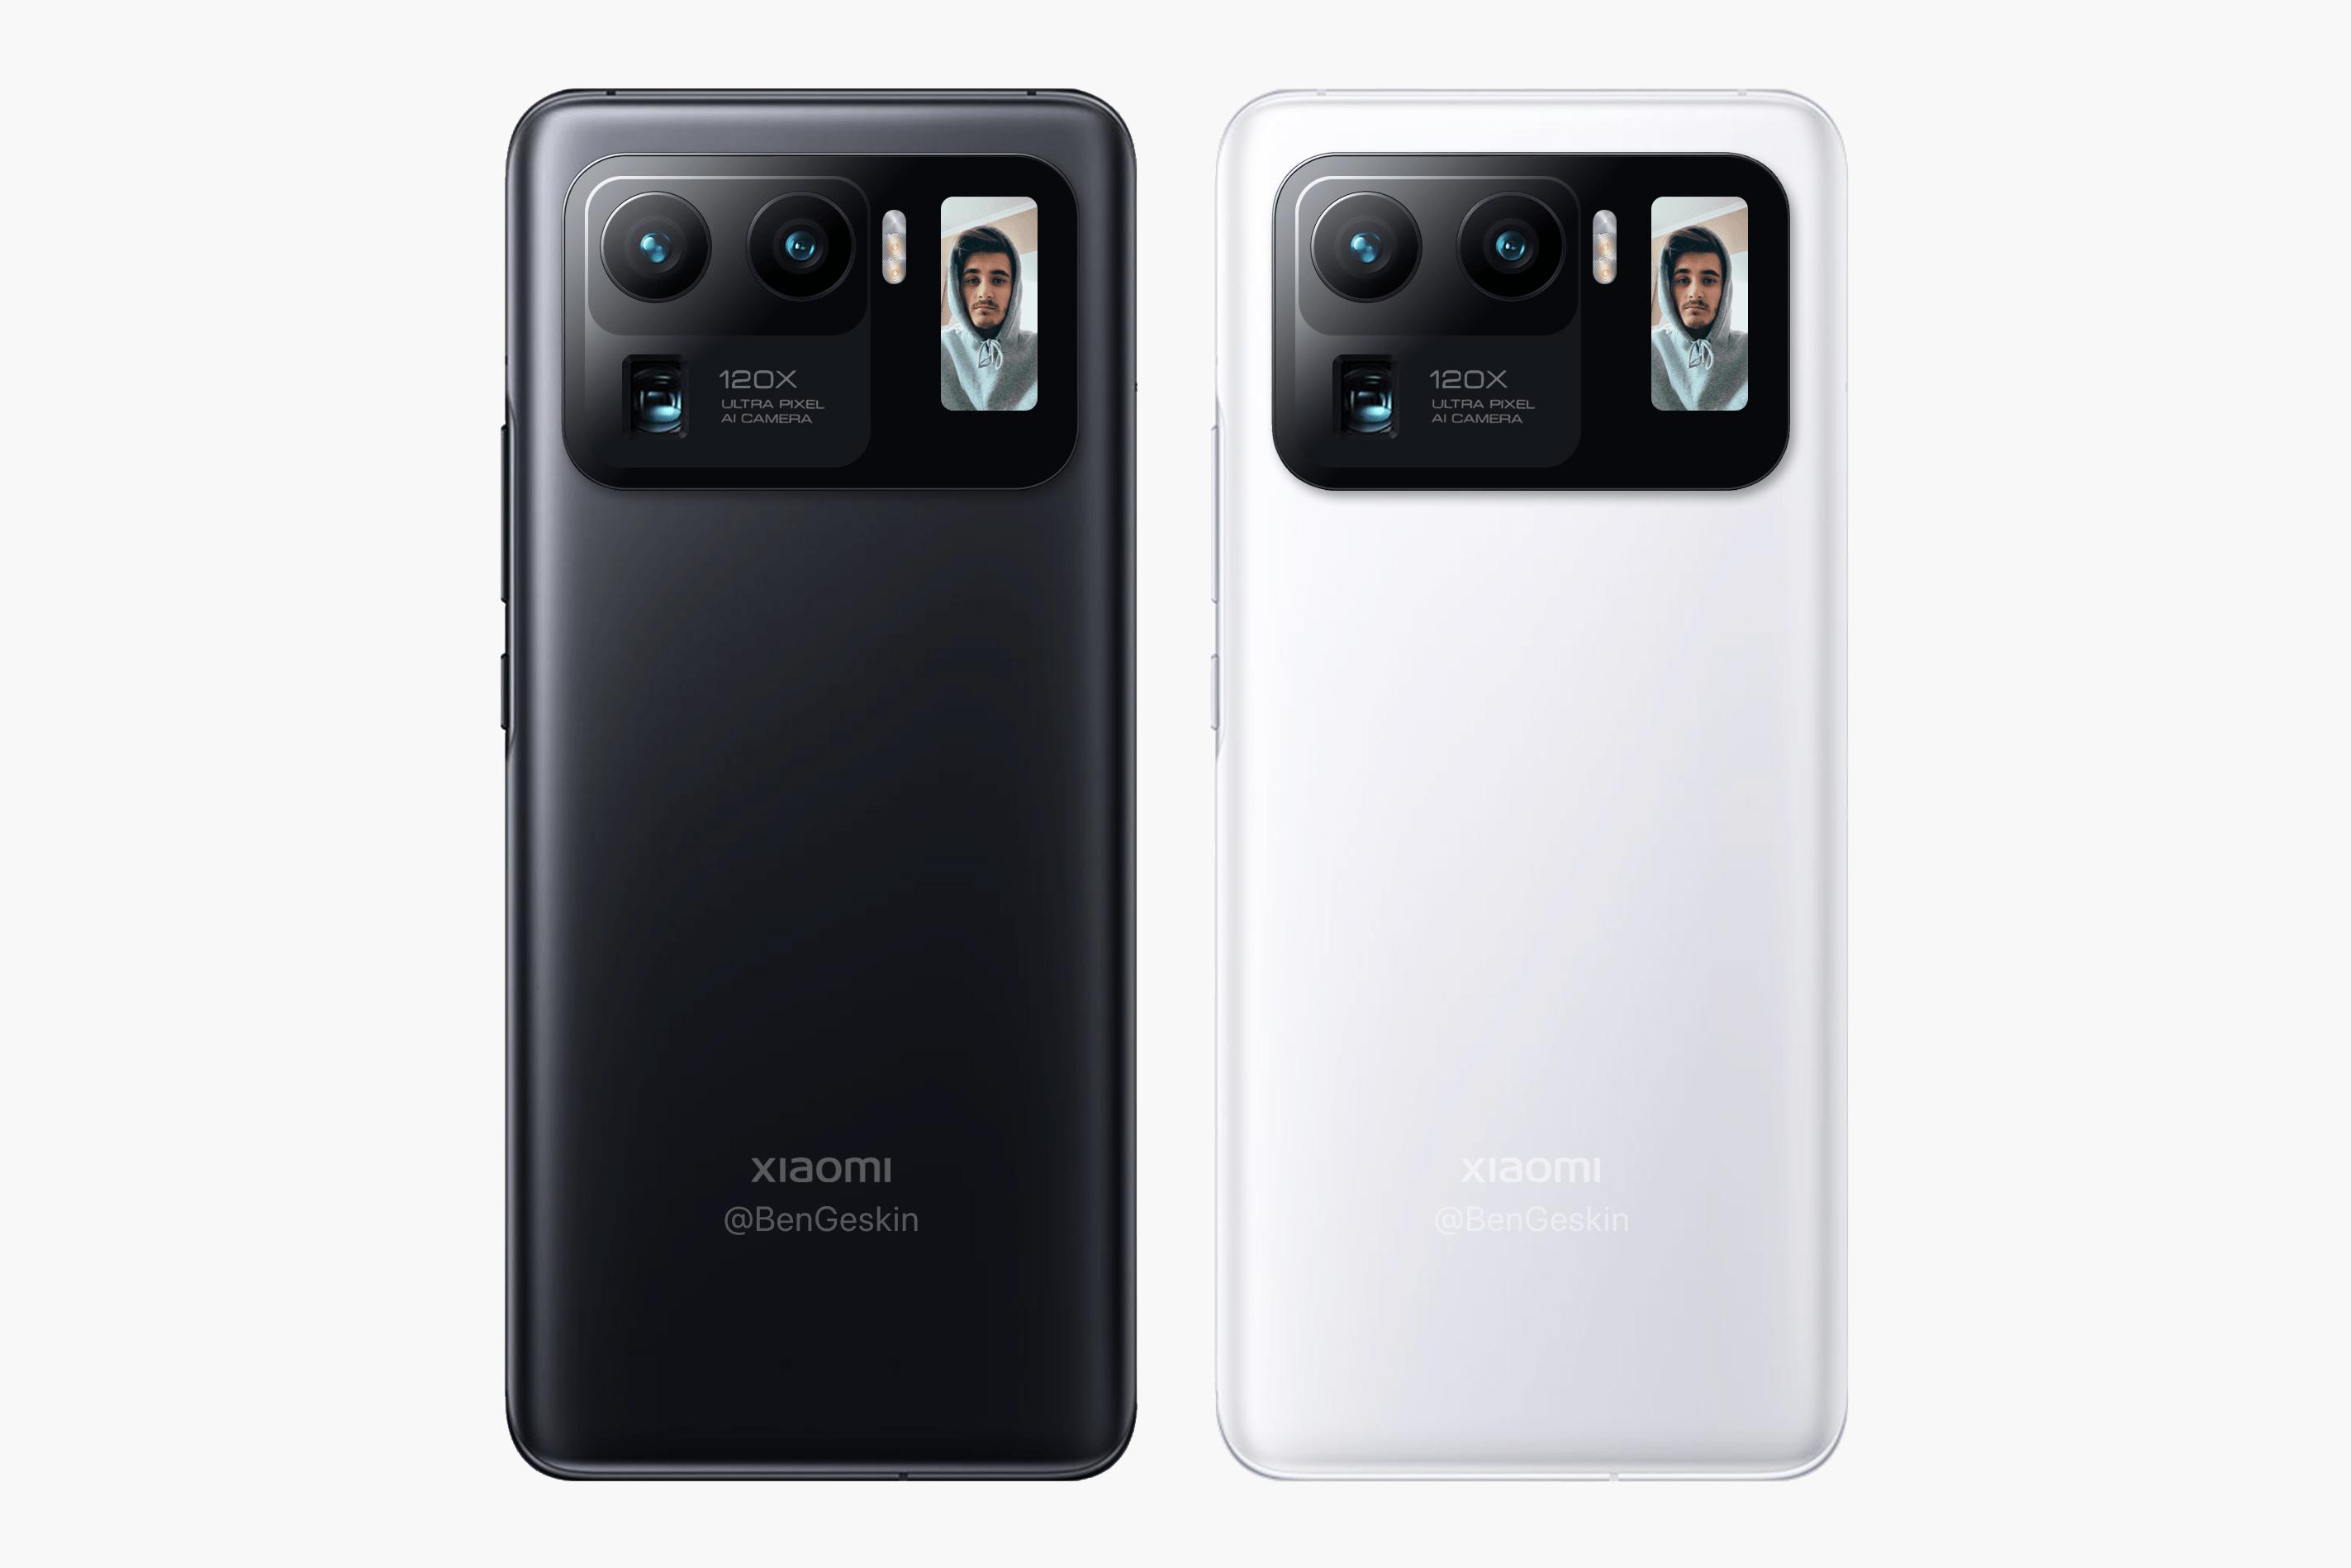 Следующий флагманский смартфон Xiaomi протестировали на производительность с 12 ГБ оперативной памяти